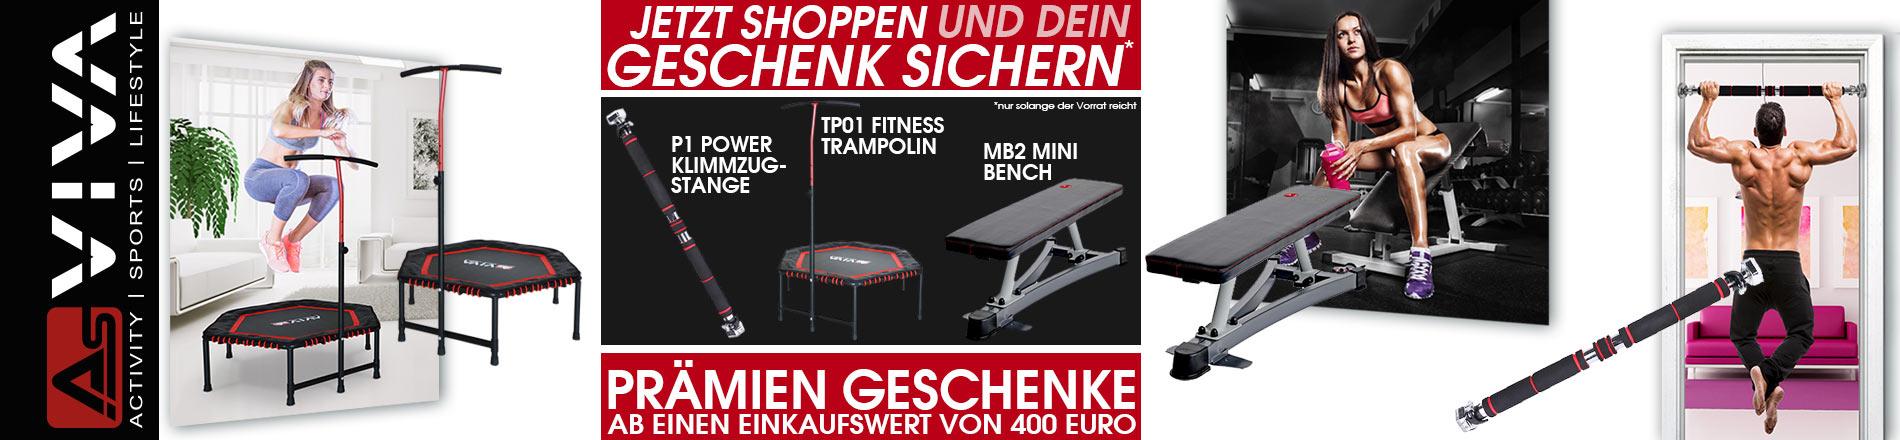 Power Prämien ab 400€ Einkaufswert für Fitnessgeräte, E-Bikes, Keramikgrills und Gartenmöbel im AsVIVA Online Shop